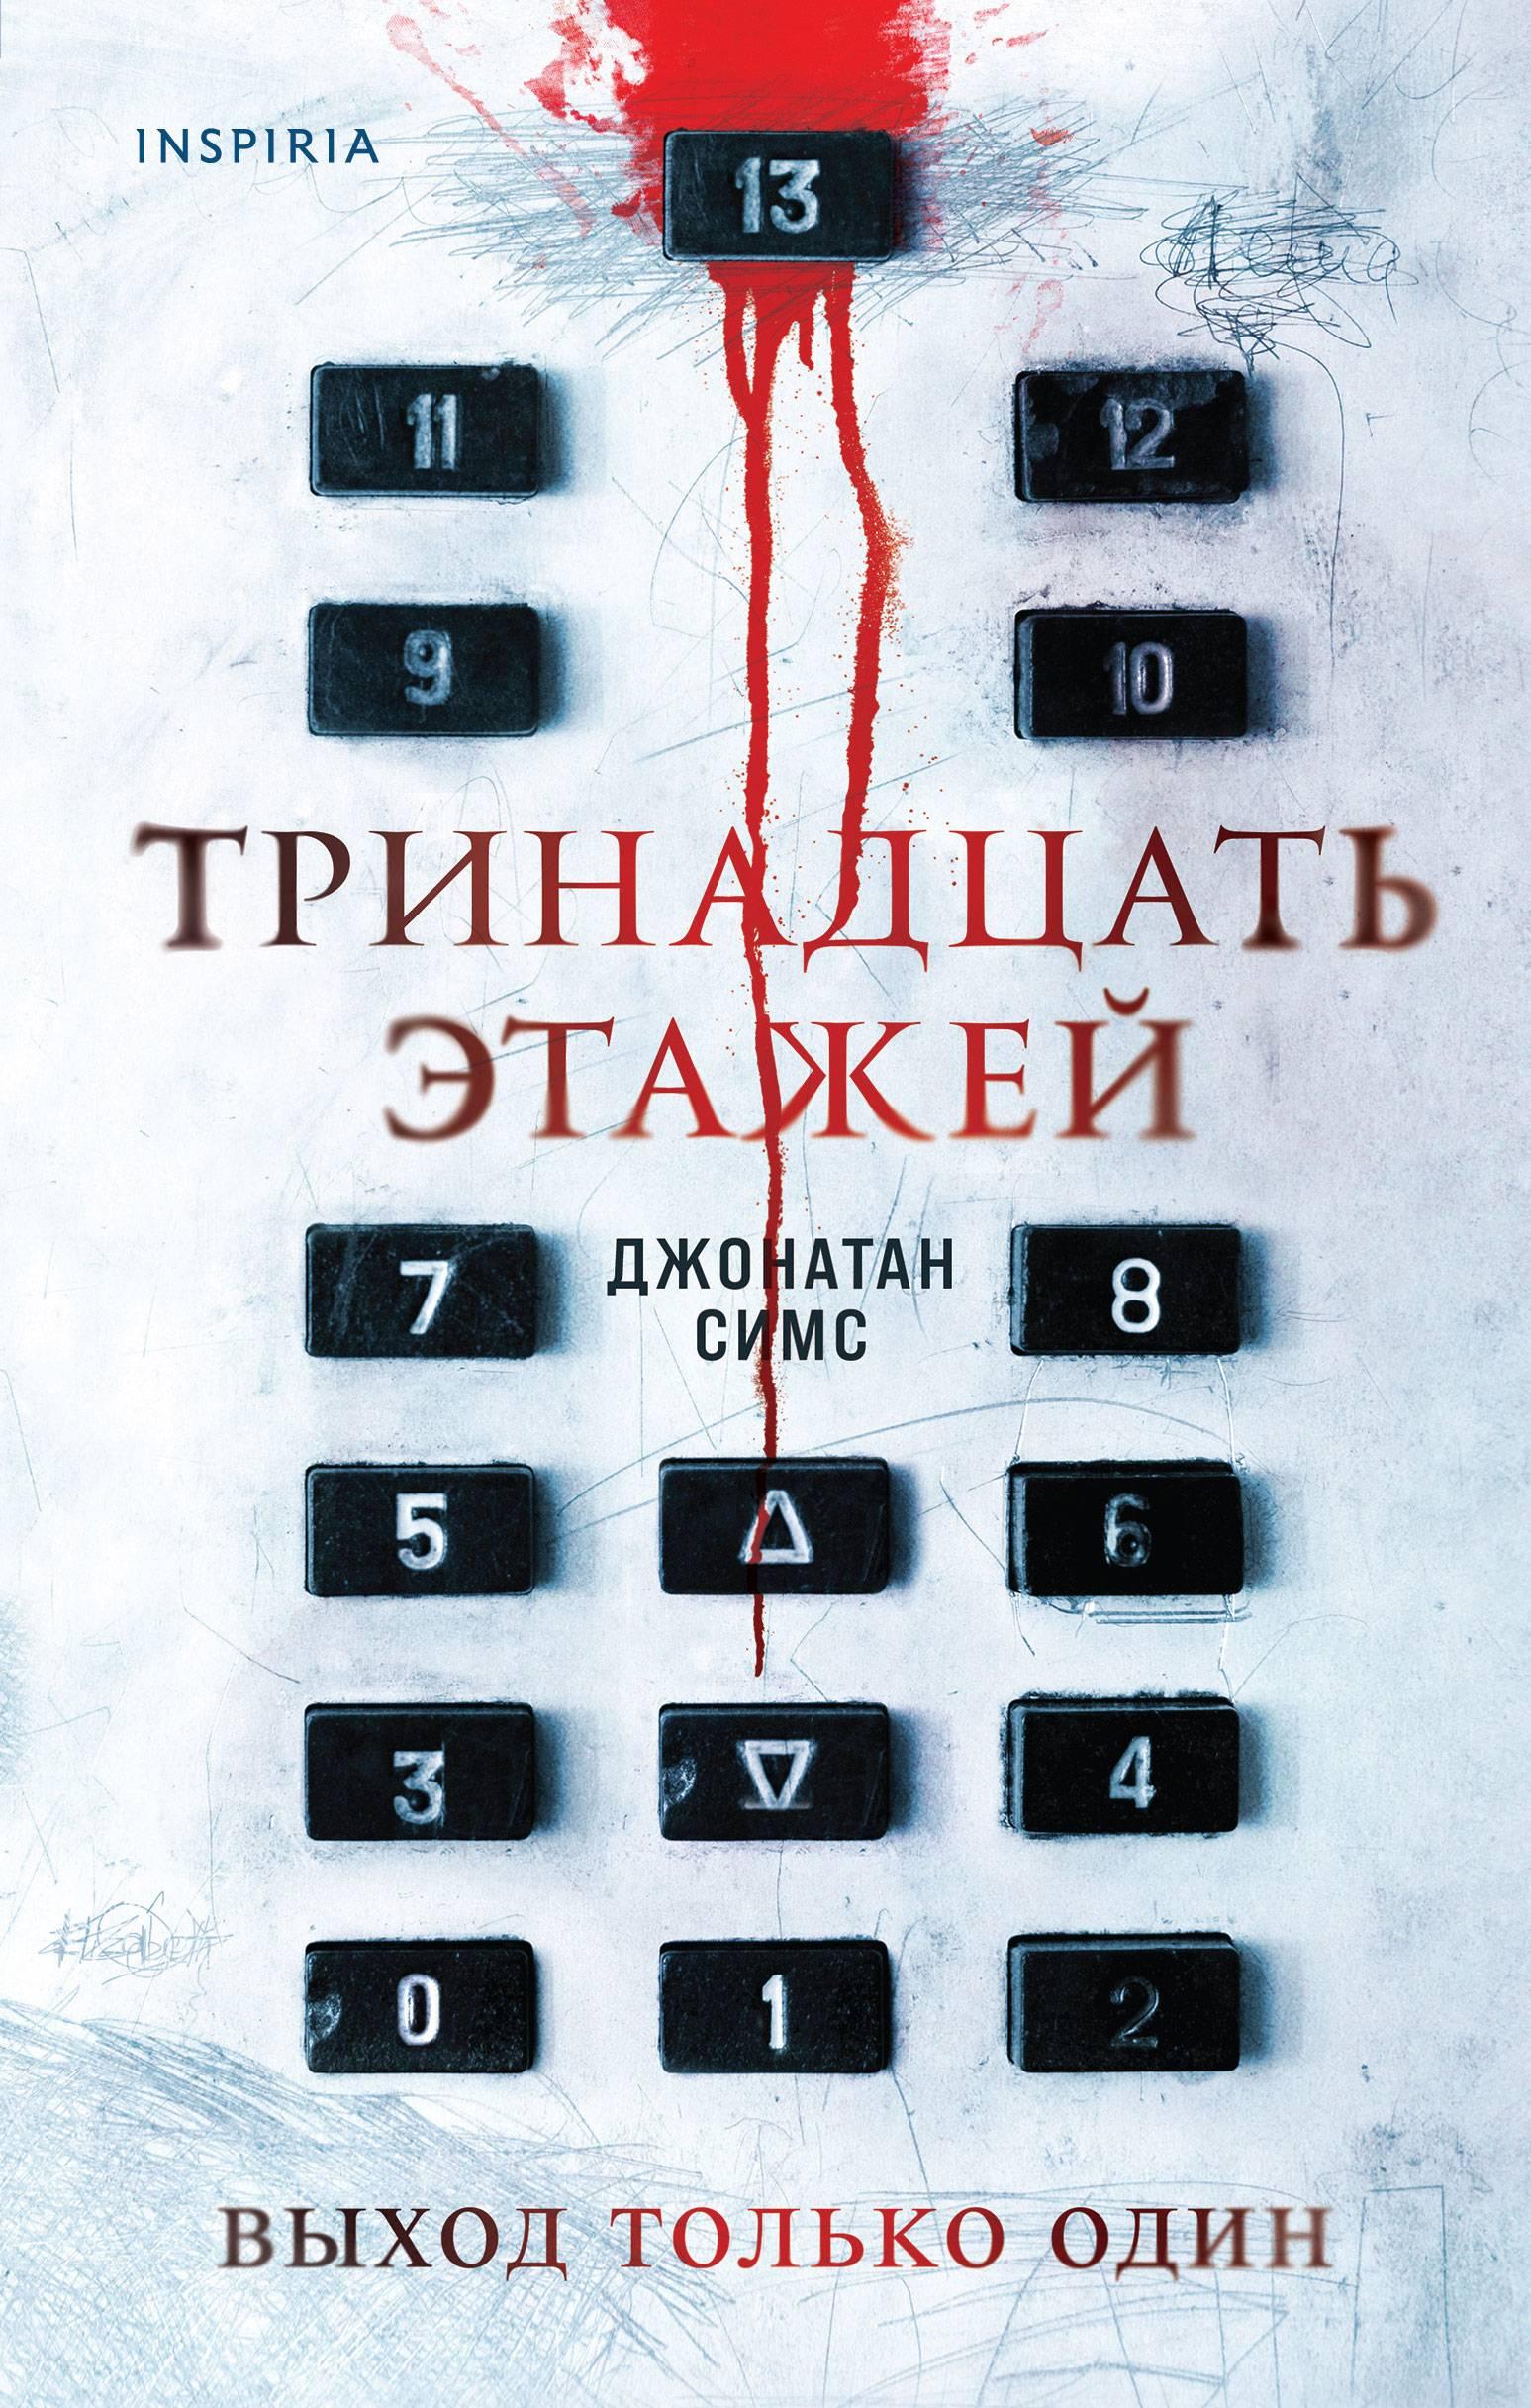 Читаем сатиру Джонатана Симса «Тринадцать этажей» 1